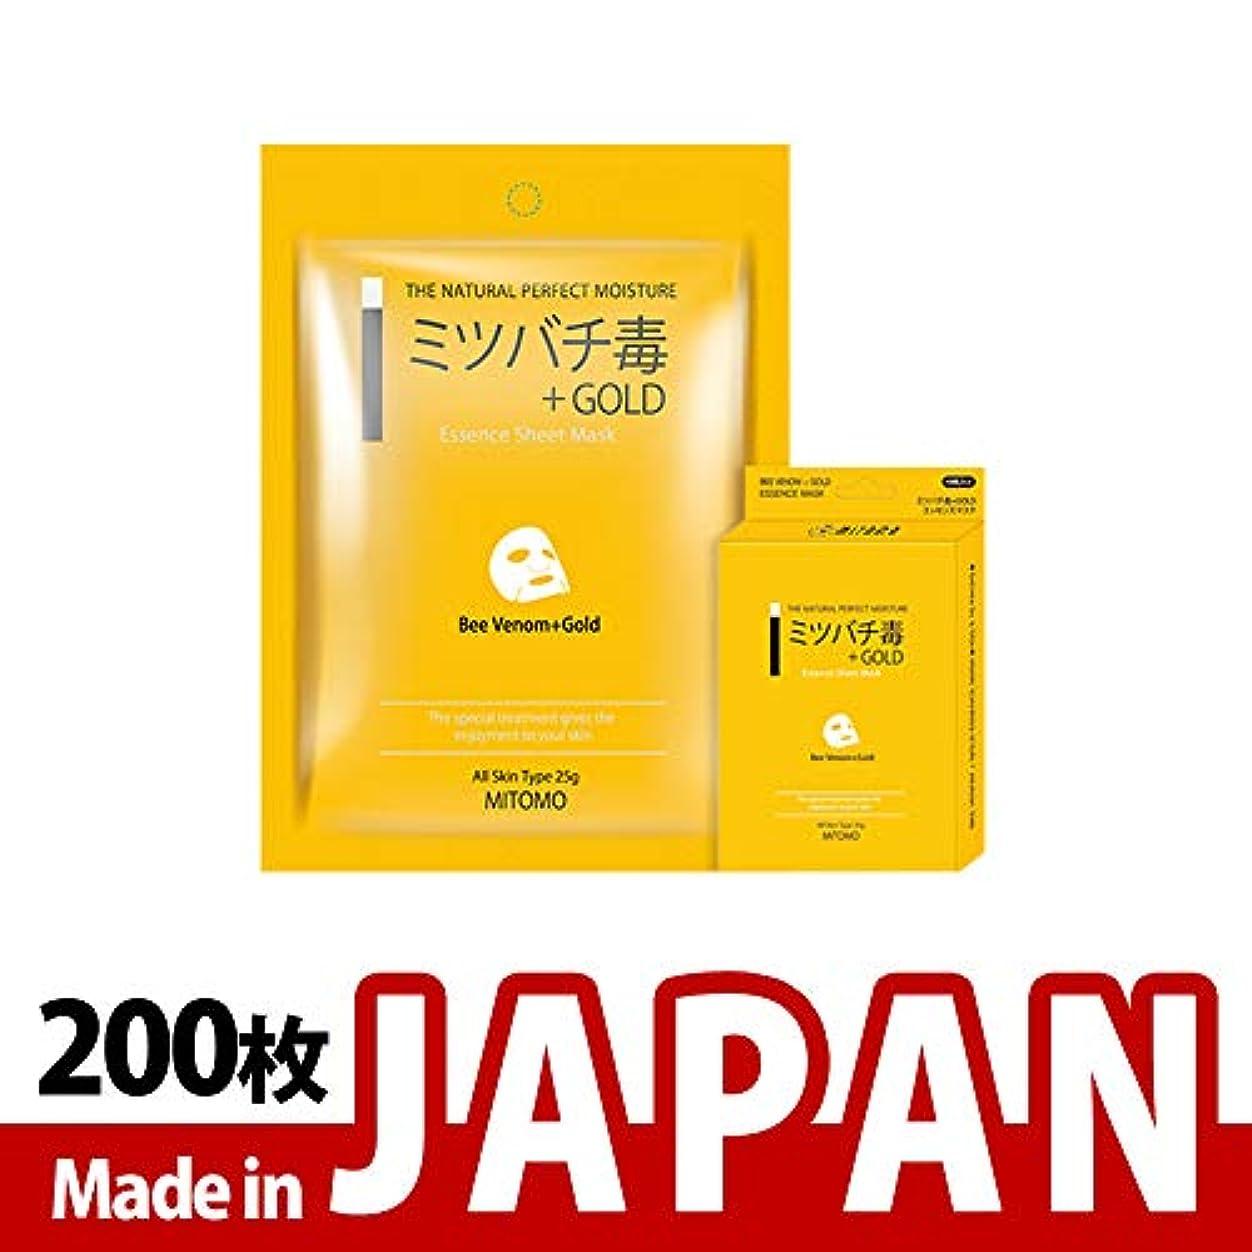 値始まり精度MITOMO【MC001-A-5】日本製シートマスク/10枚入り/200枚/美容液/マスクパック/送料無料